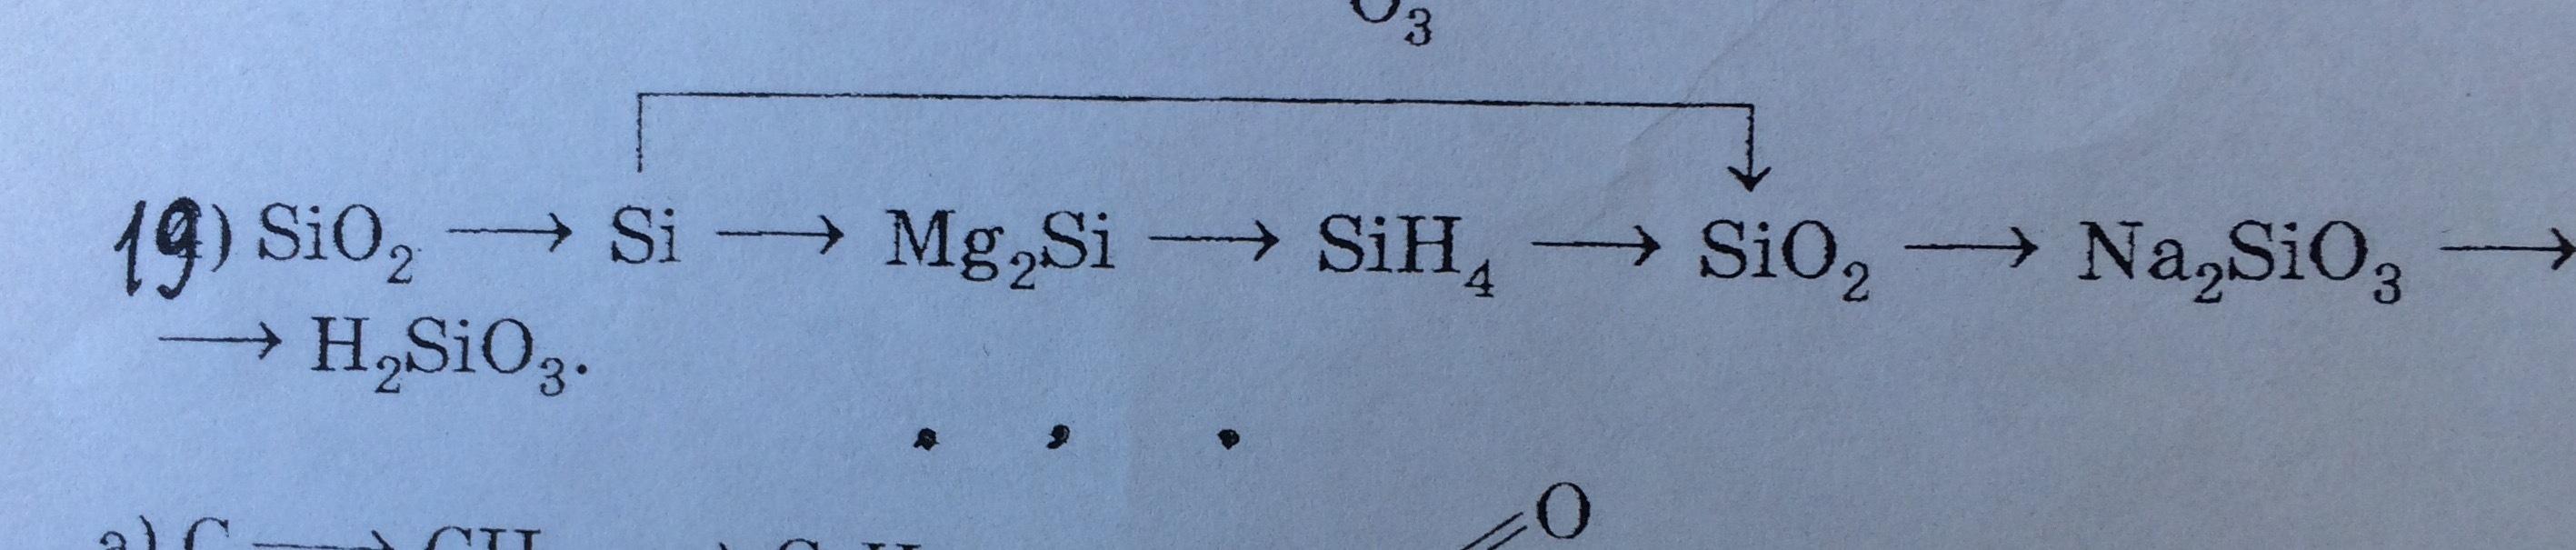 Напишите в молекулярном полном и сокращенном ионном виде уравнения реакции согласно схеме